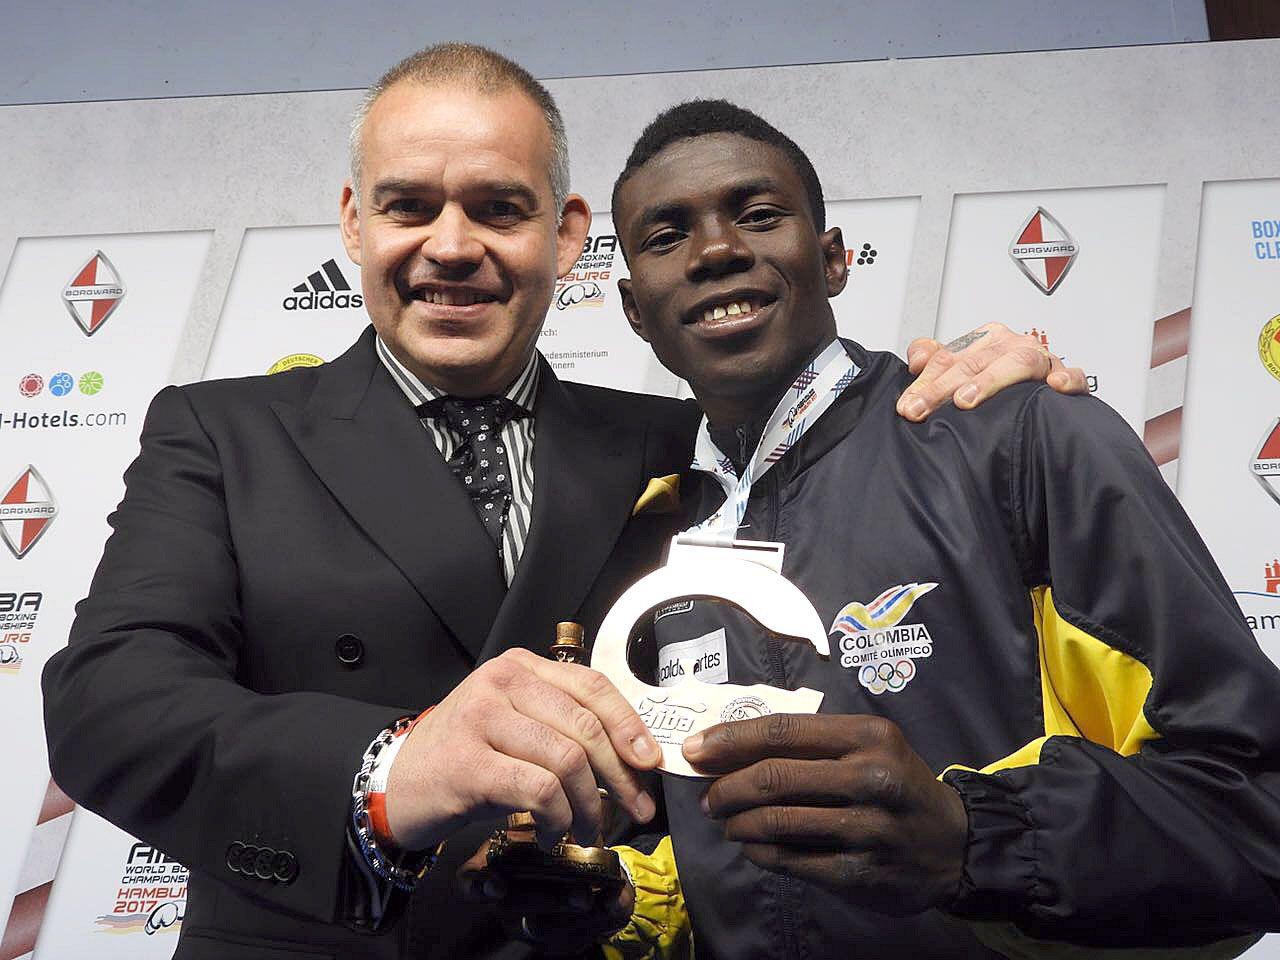 Gilberto Jesús Mendoza gave medal to Yuberjen Martínez